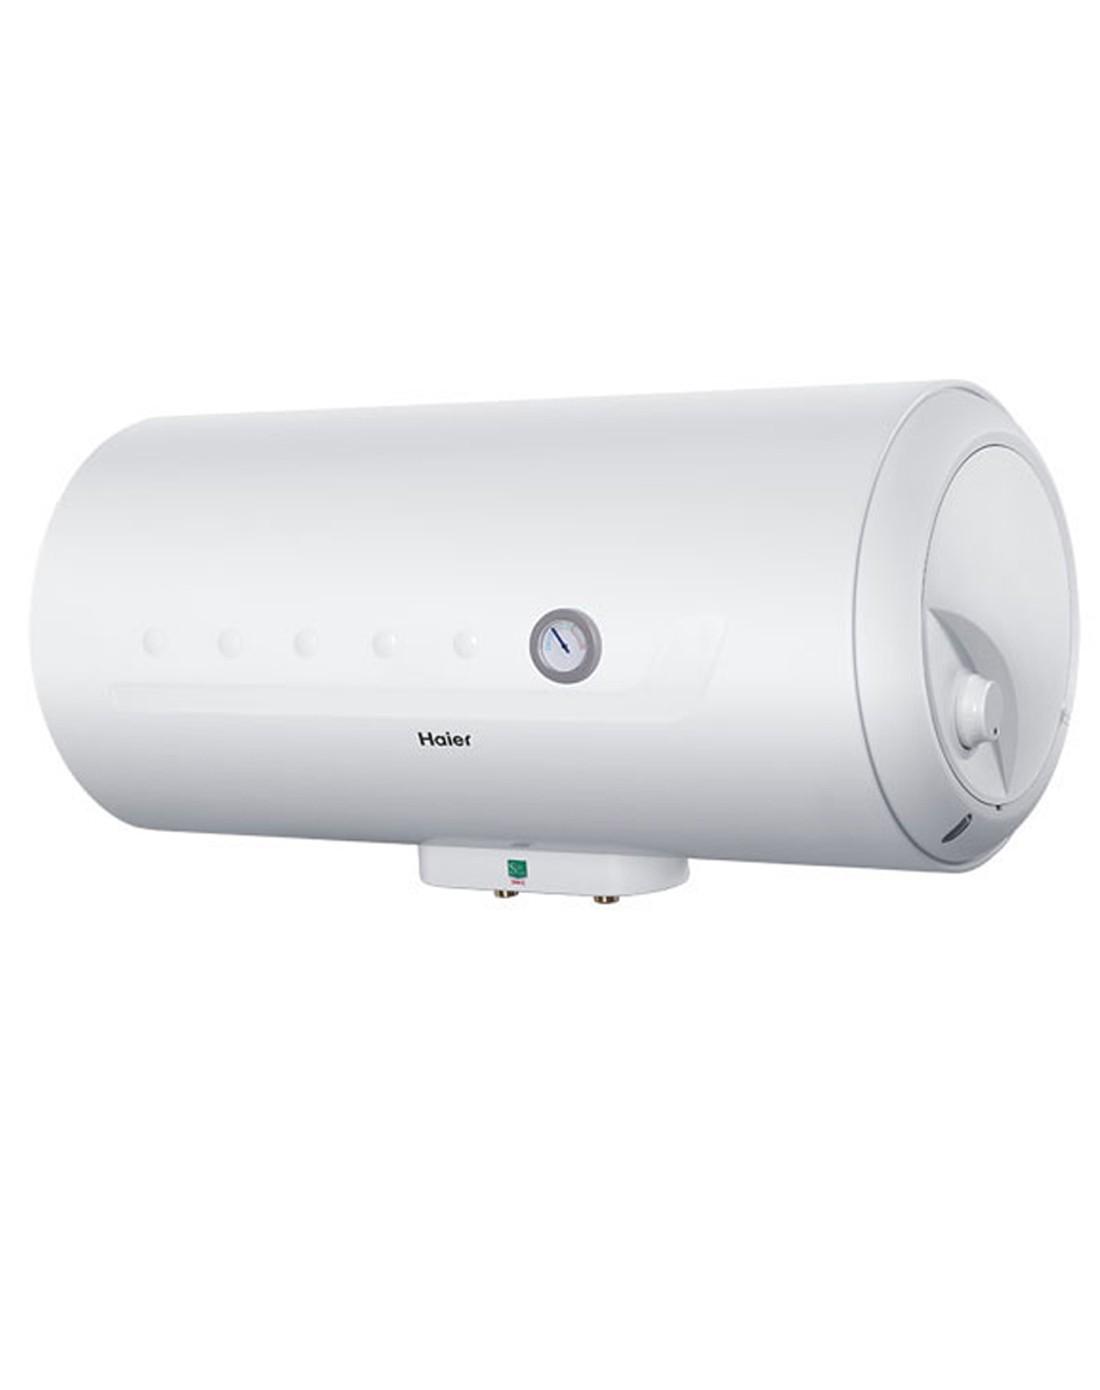 海尔机械式电热水器